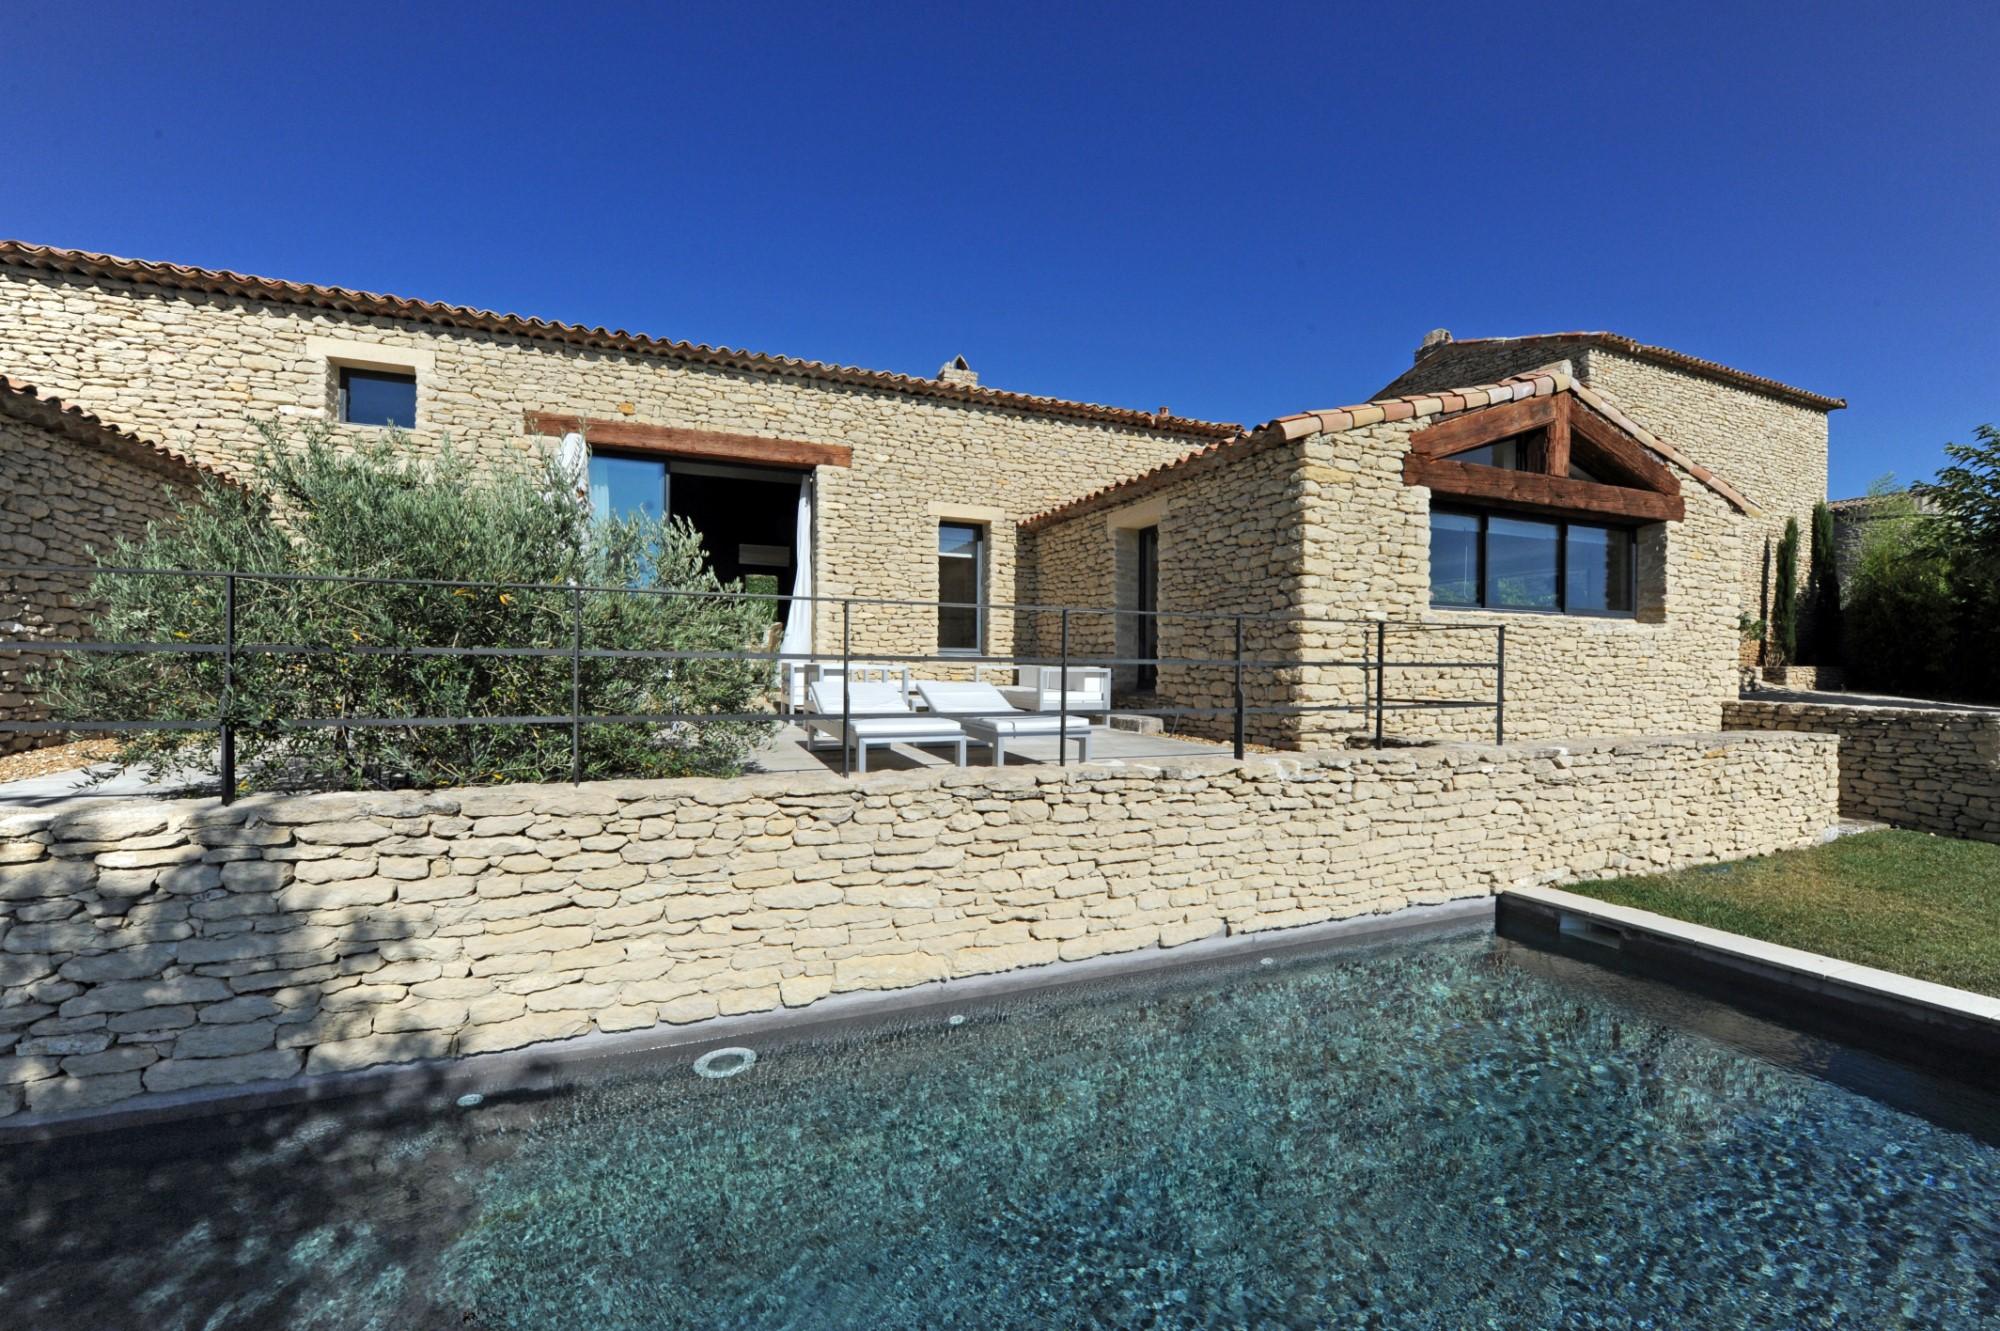 Agréable maison en pierres avec piscine à vendre en Provence